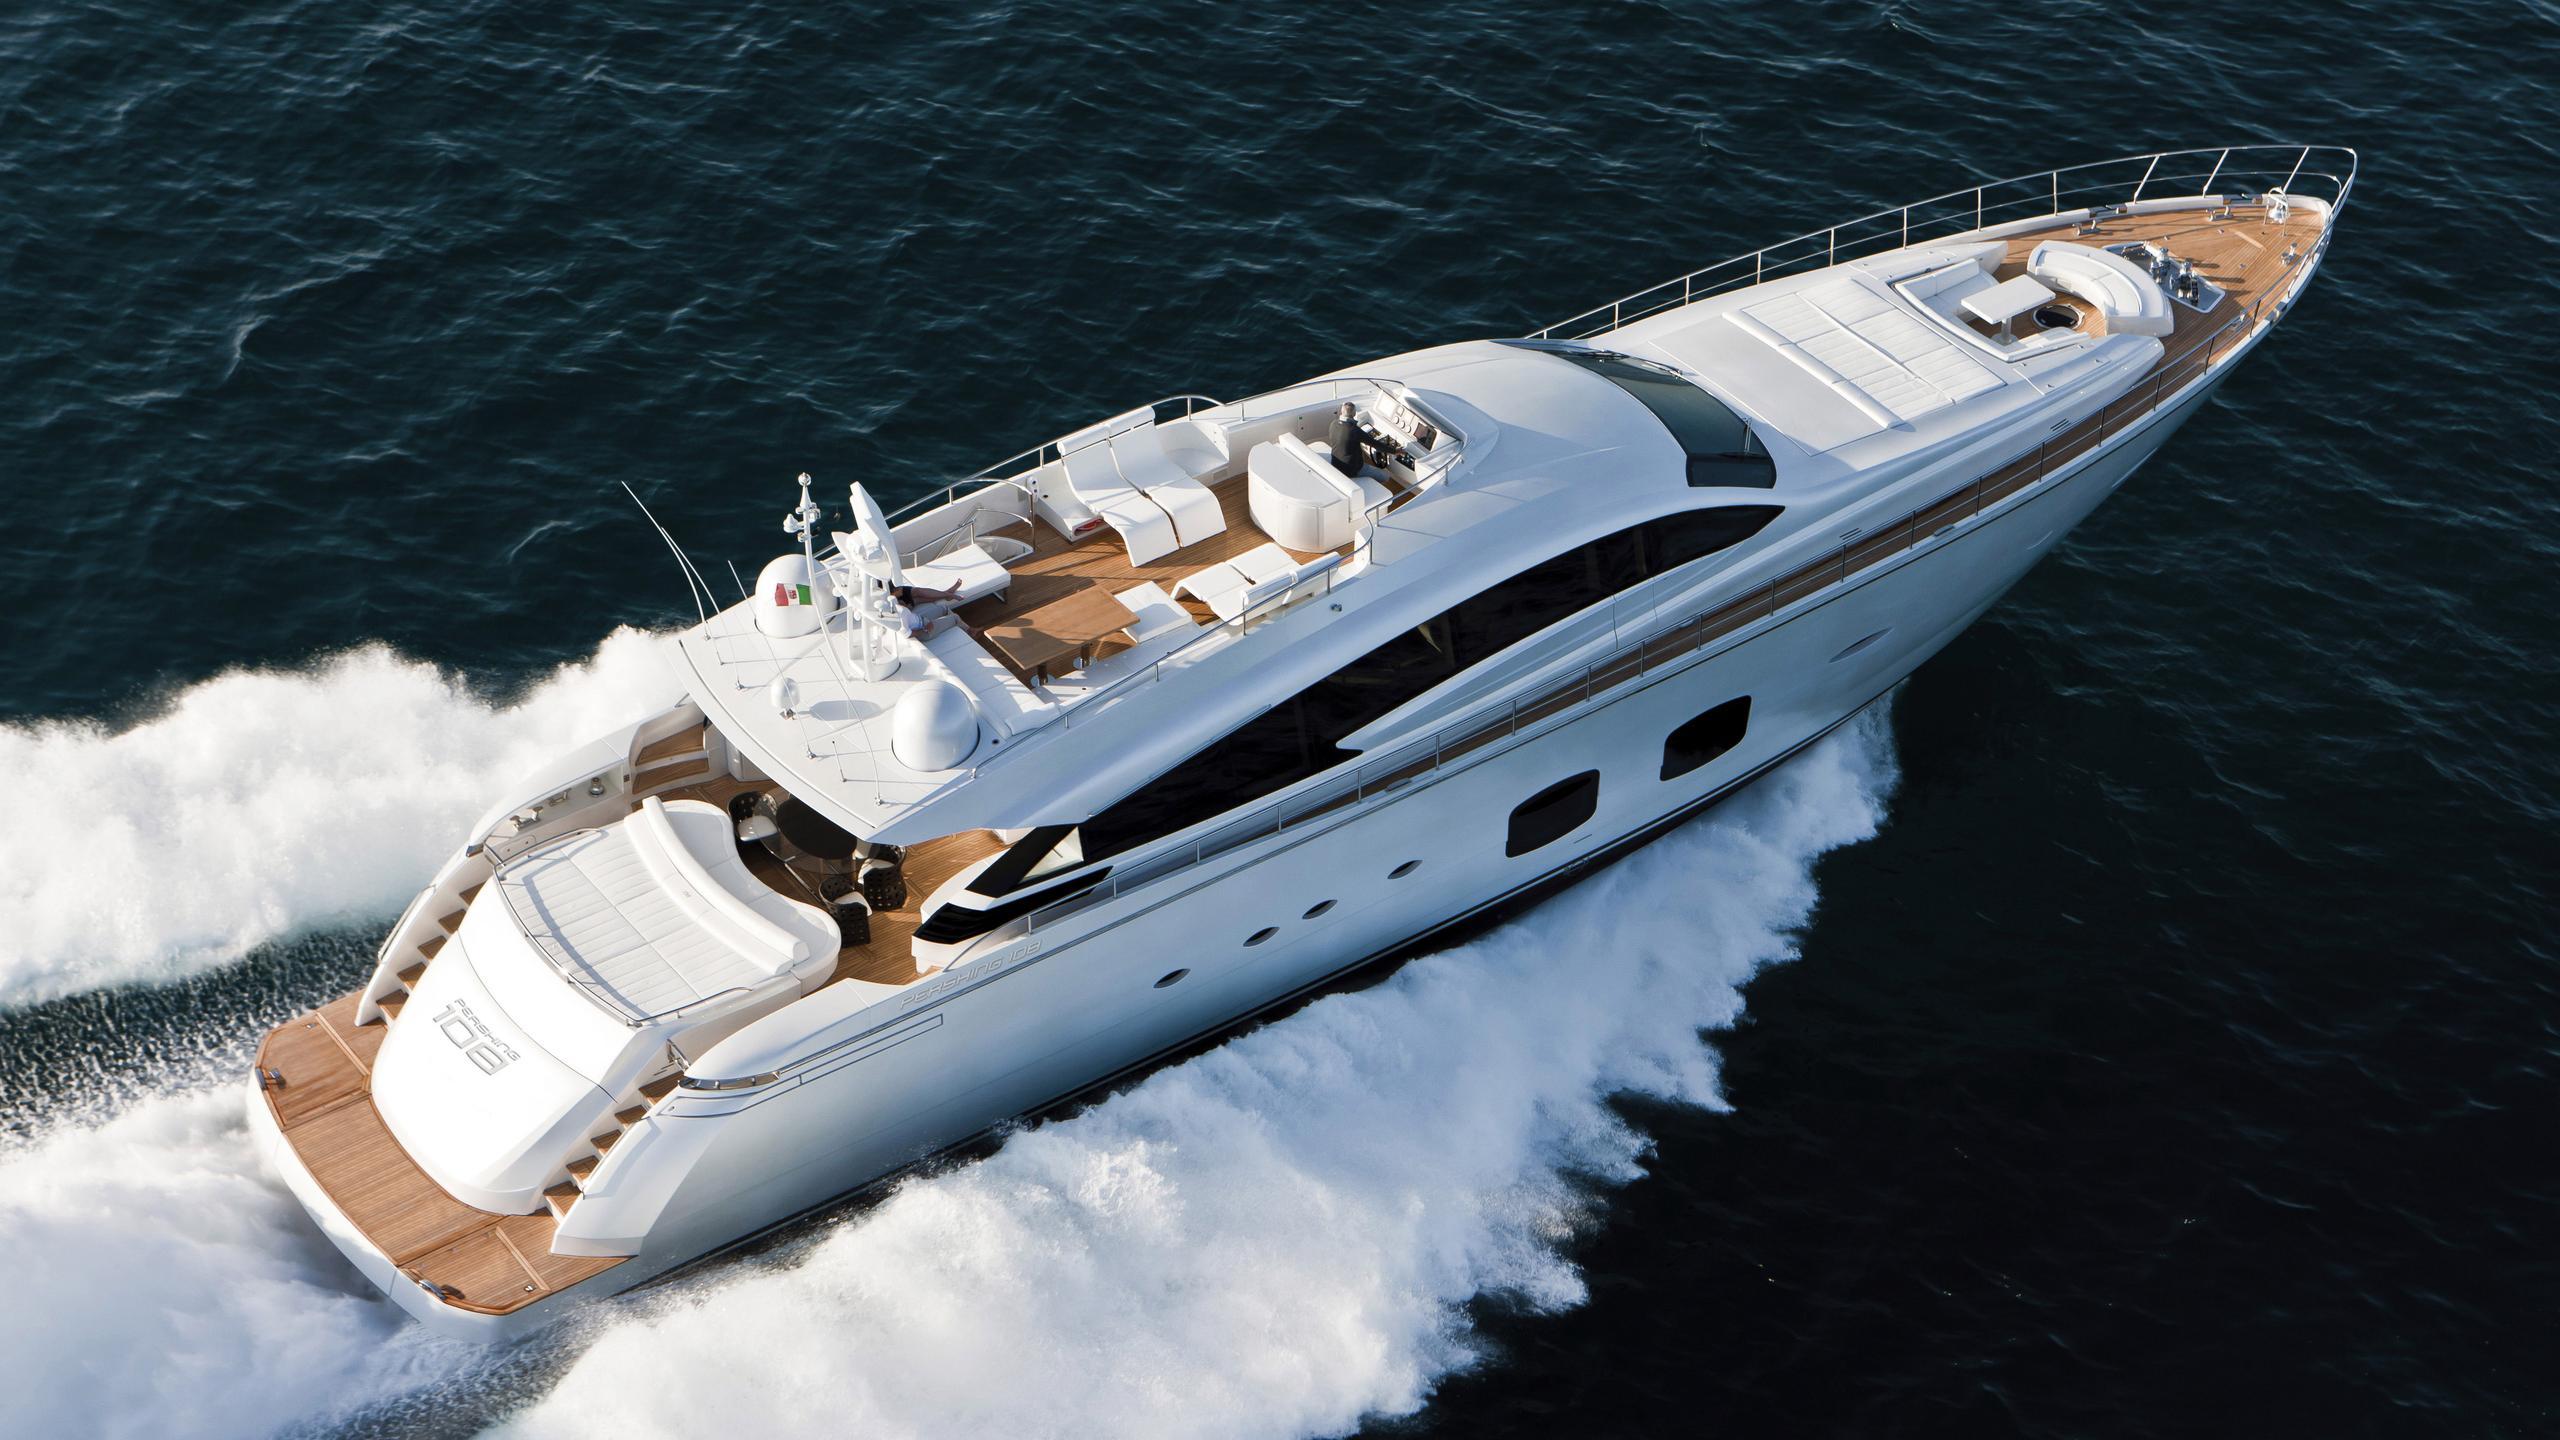 levantine-ii-motor-yacht-pershing-108-2013-33m-aerial